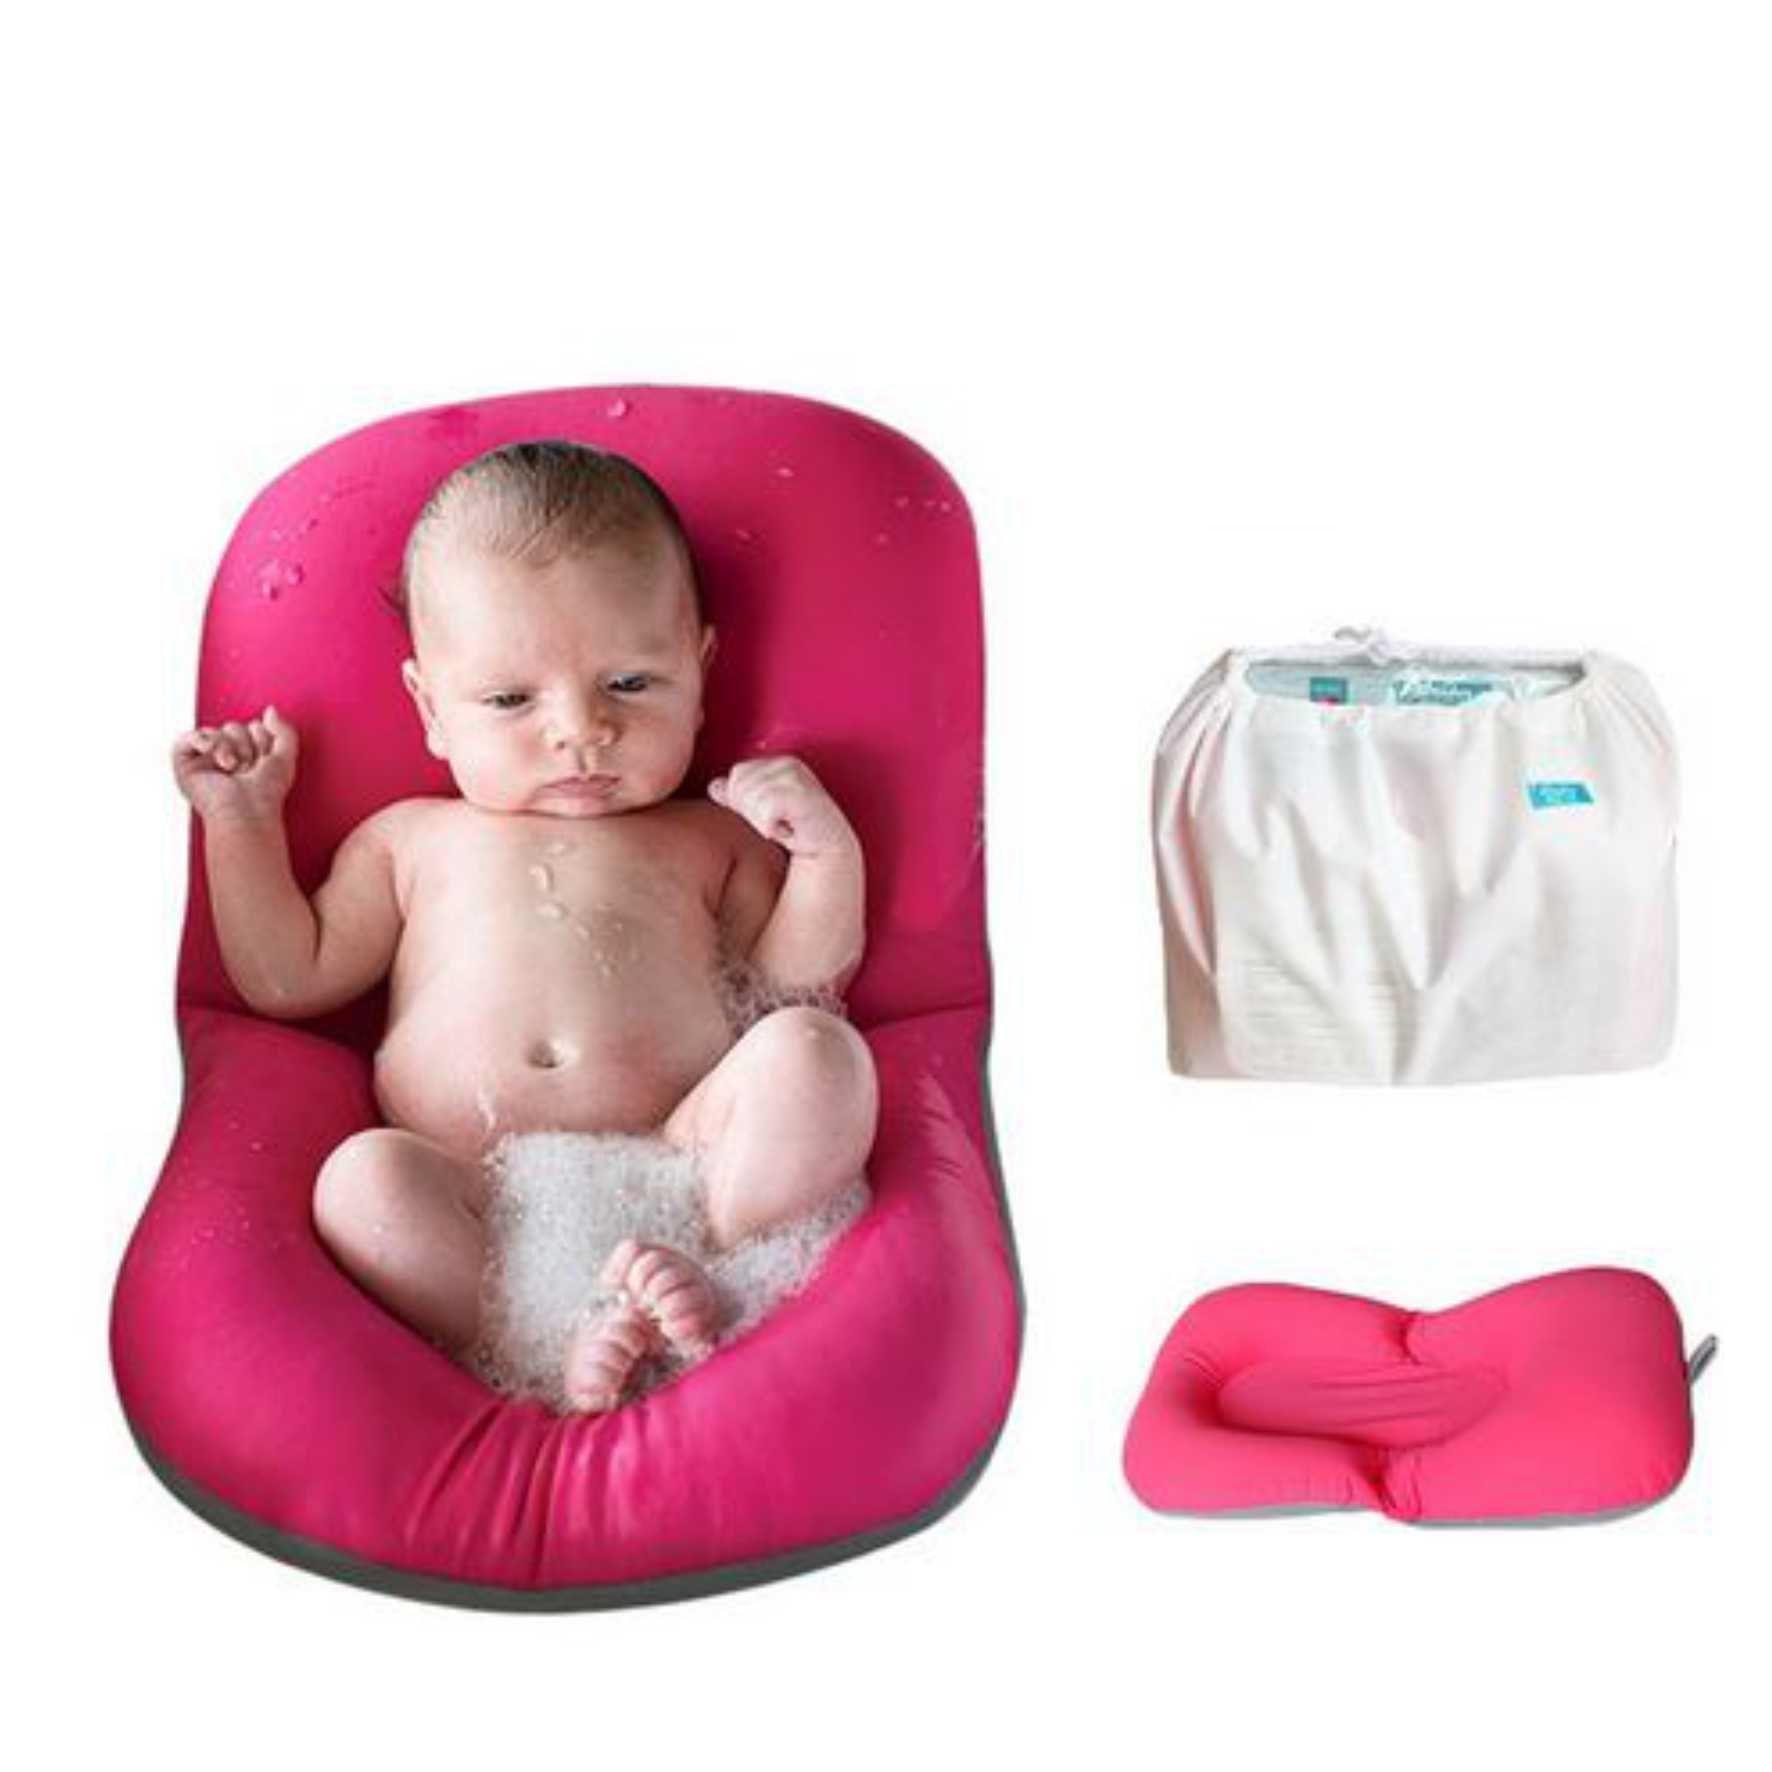 52d8c33a8 Almofada para banho do bebê - Quintal do bebê